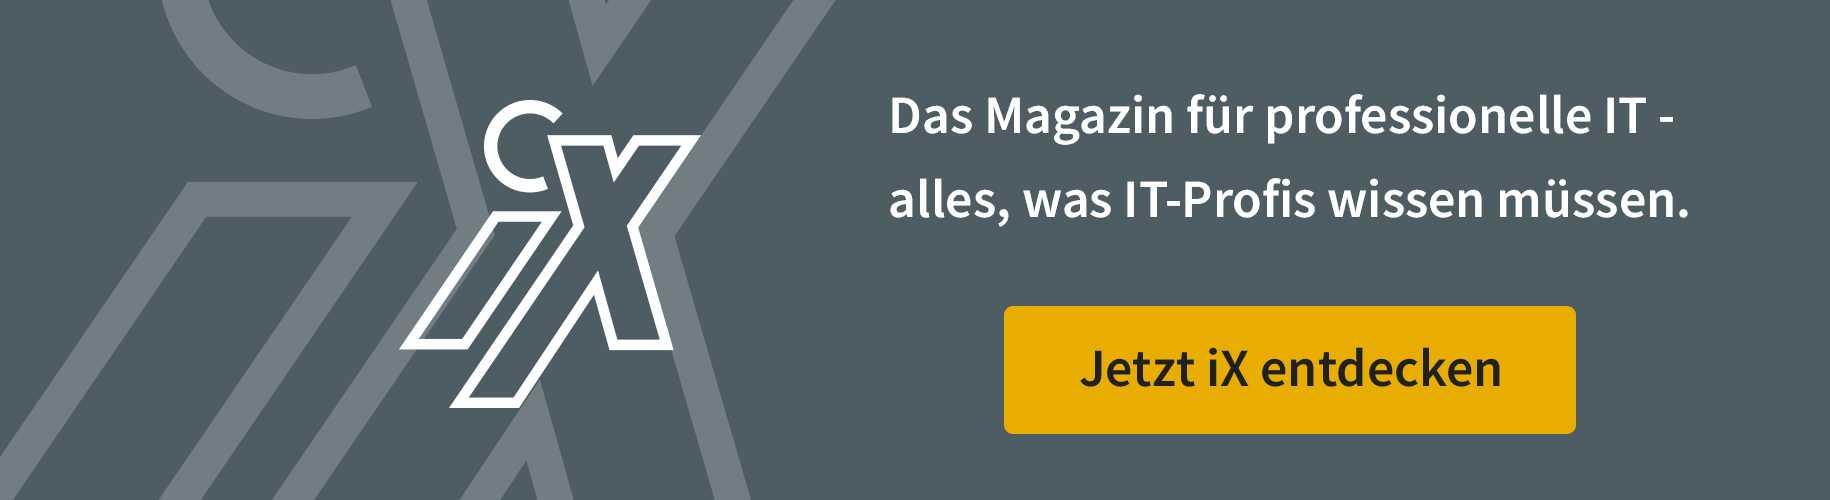 Mehr aus dem iX Magazin